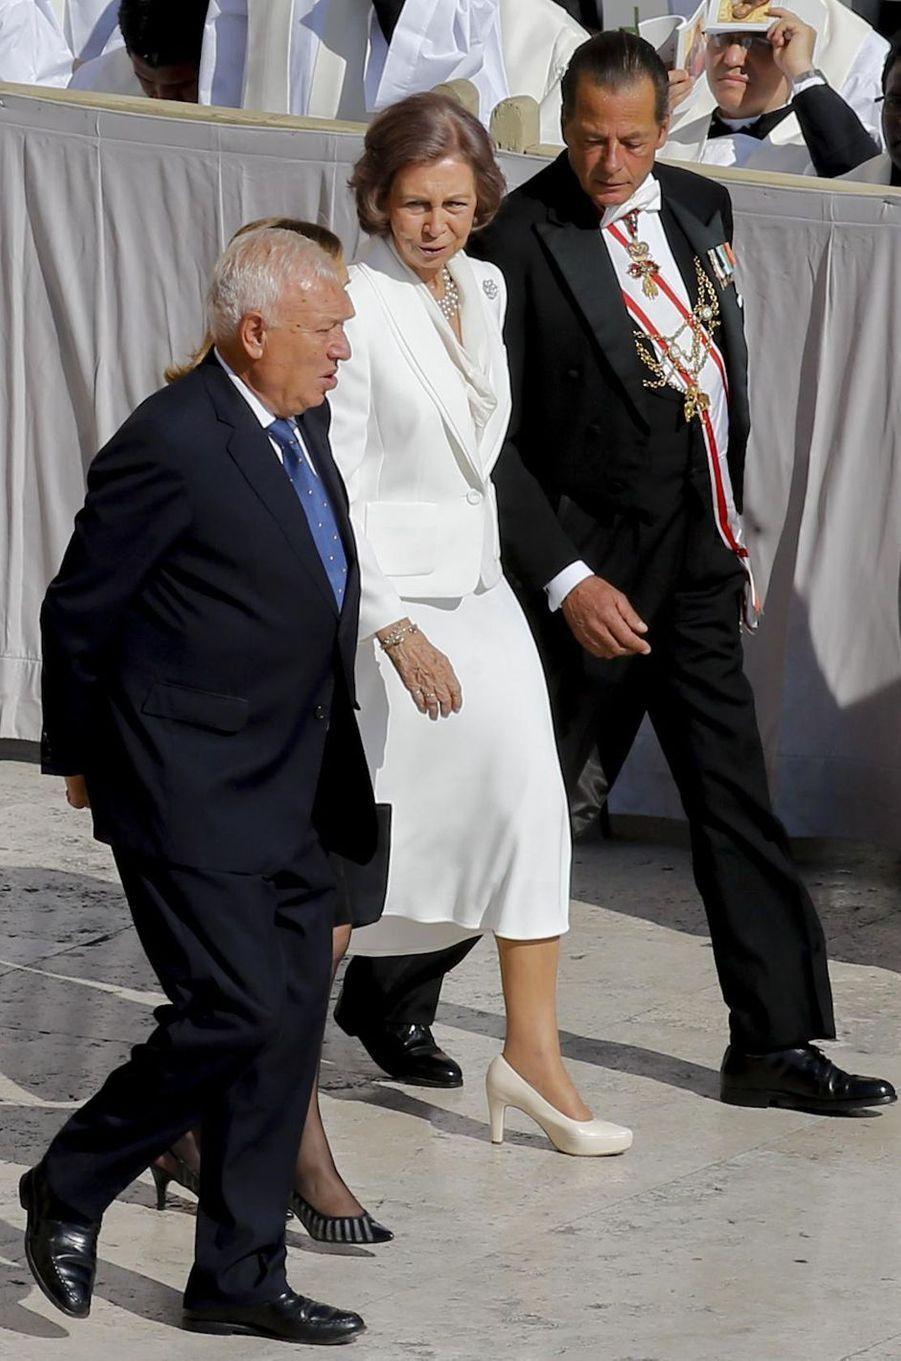 L'ancienne reine Sofia d'Espagne sur la place Saint-Pierre de Rome, le 4 septembre 2016